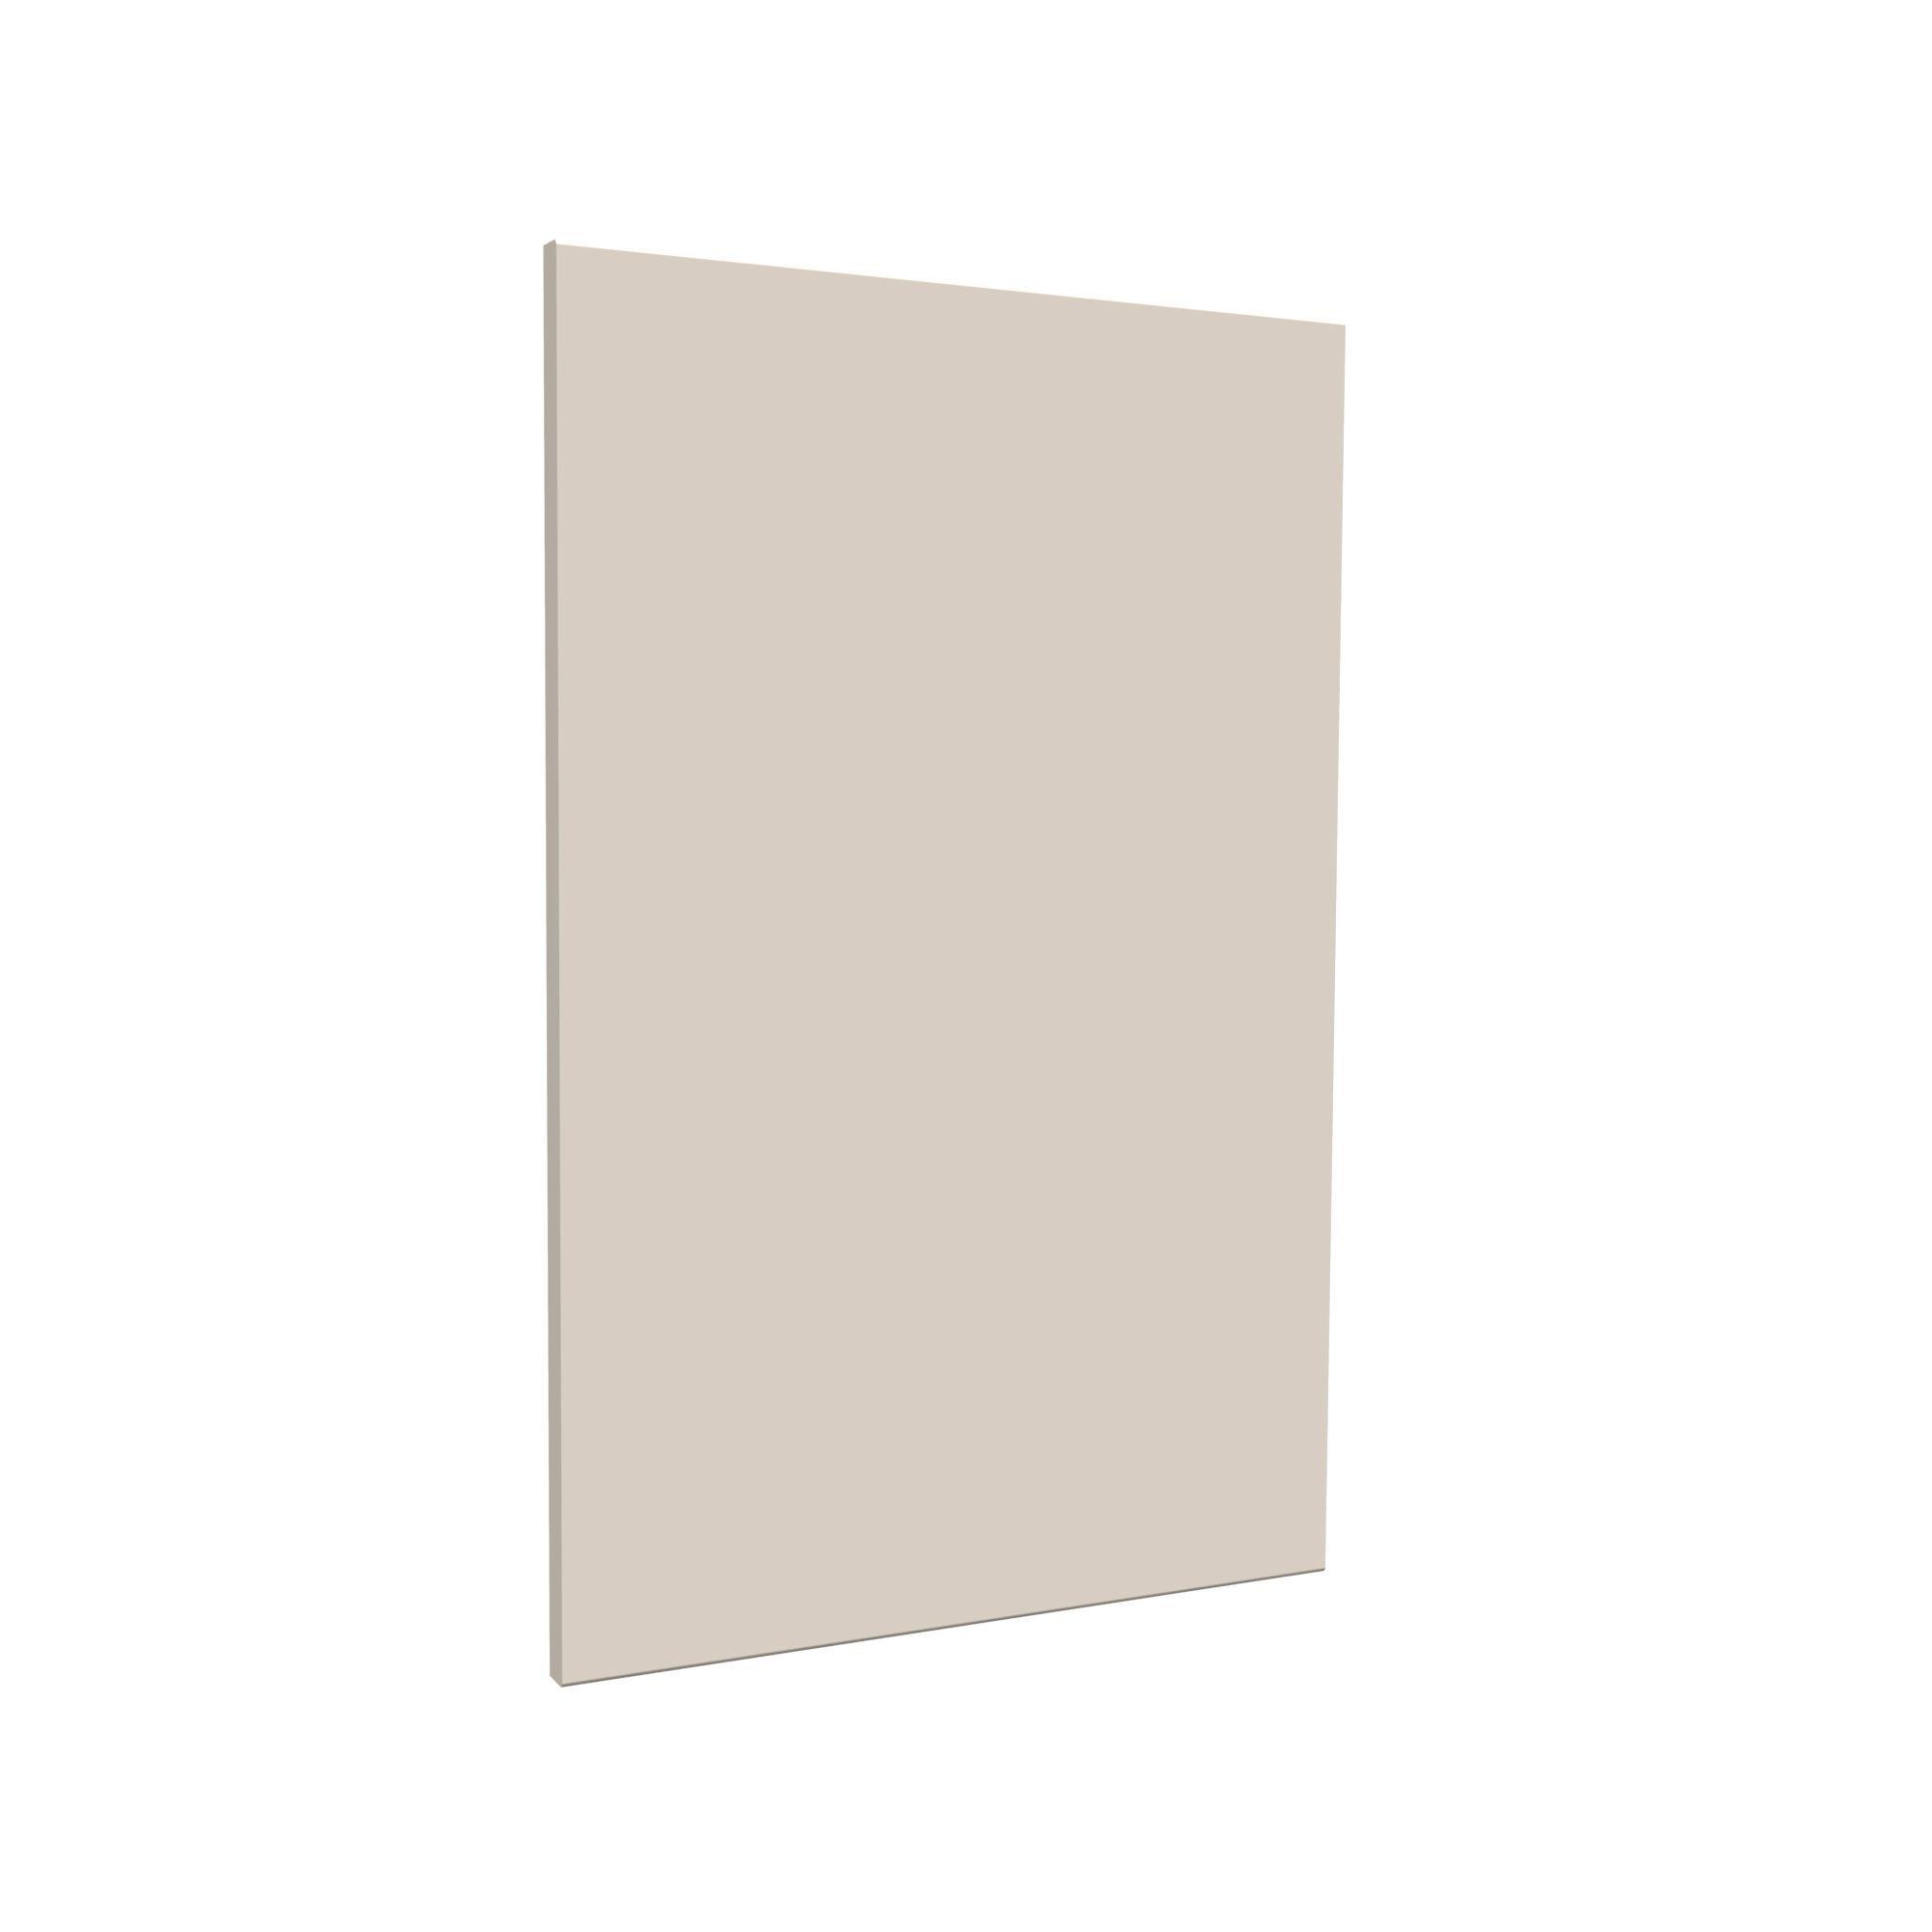 Darwin Modular Cream & Gloss Bedside Cabinet Door (h)478mm (w)372mm (d)16mm